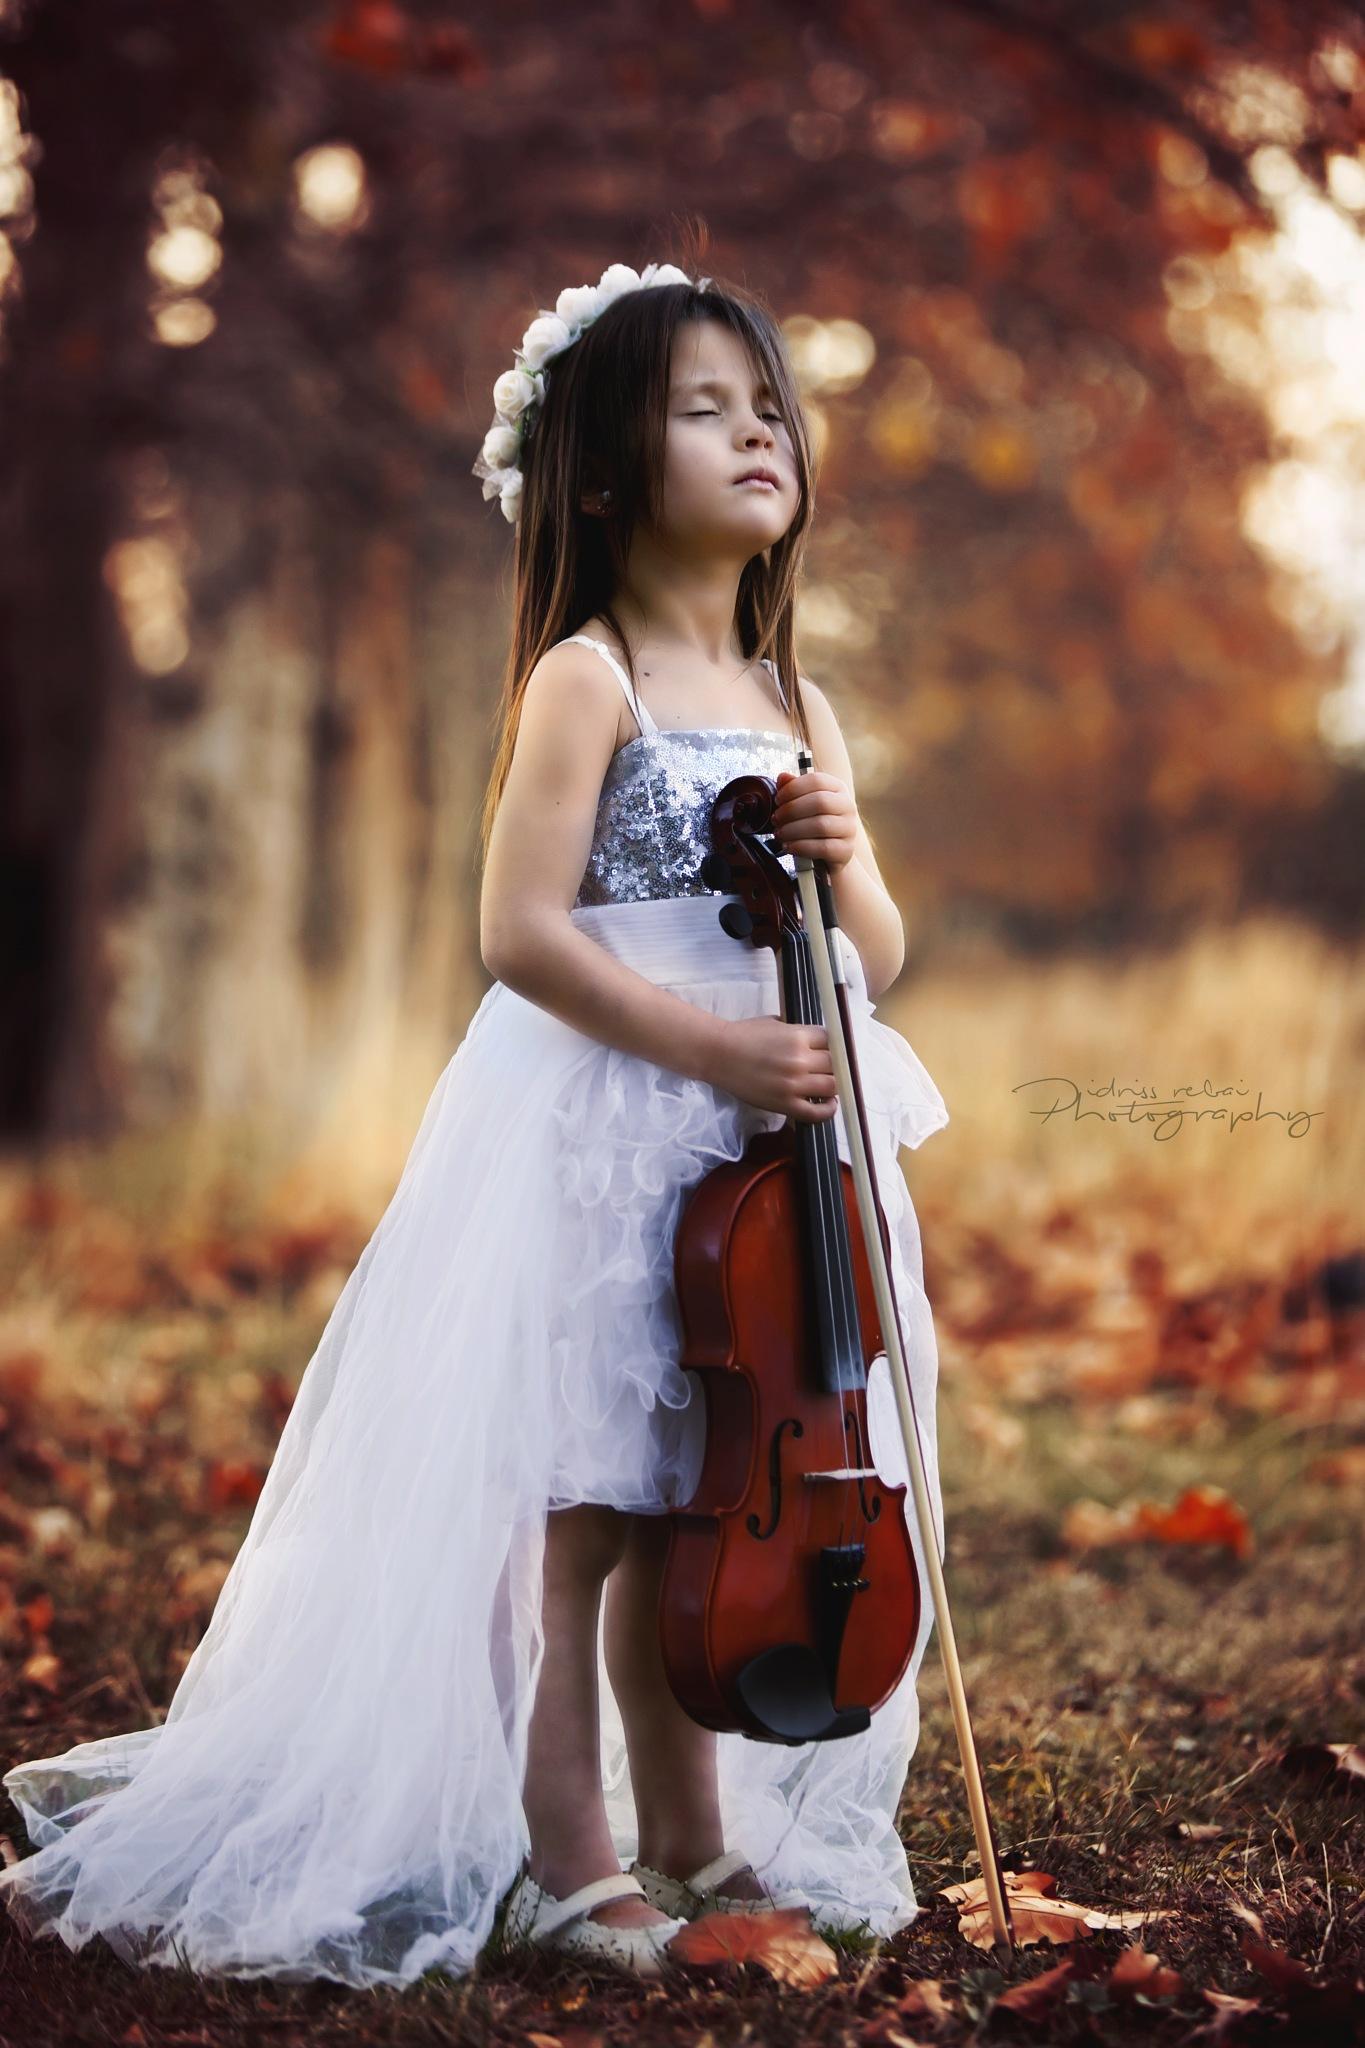 the soul of music  by Rebai Salah